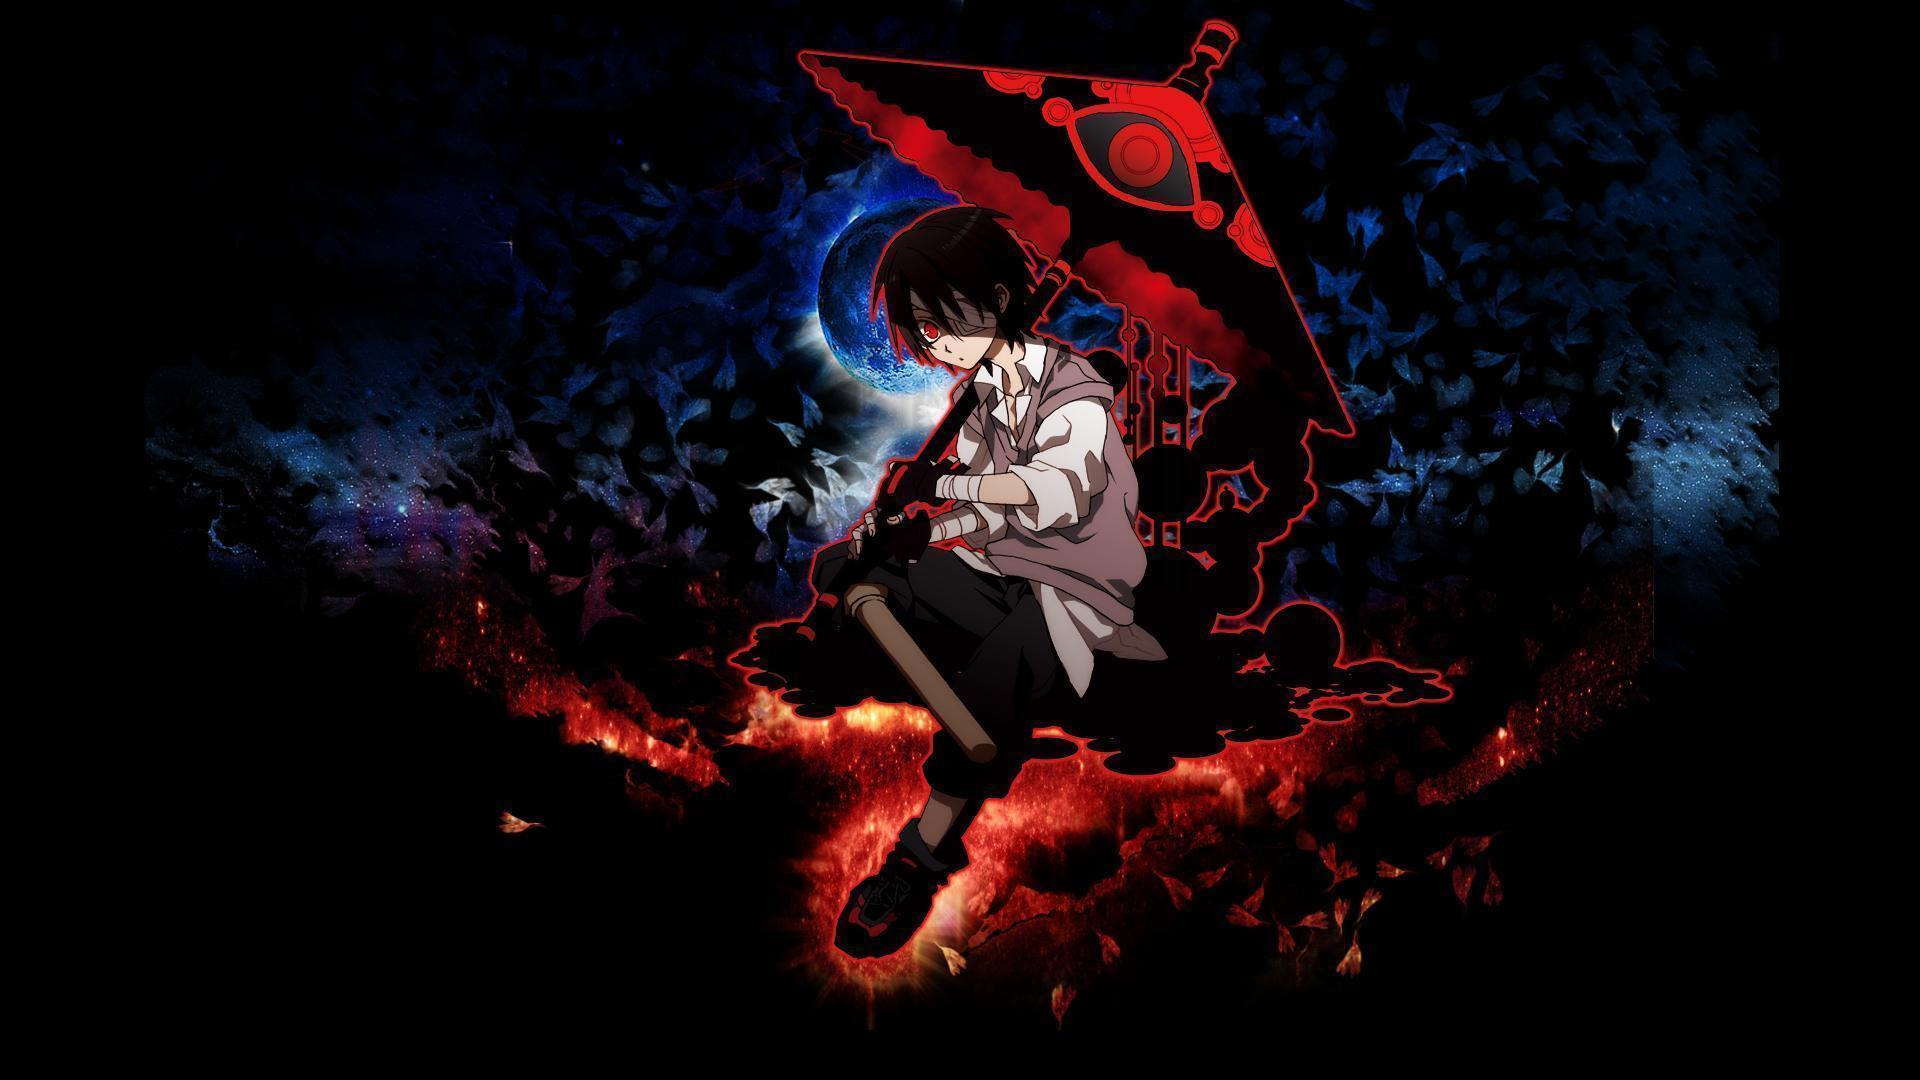 Wallpaper Anime Girl Fire Angel 4k Anime 8040 Total Update